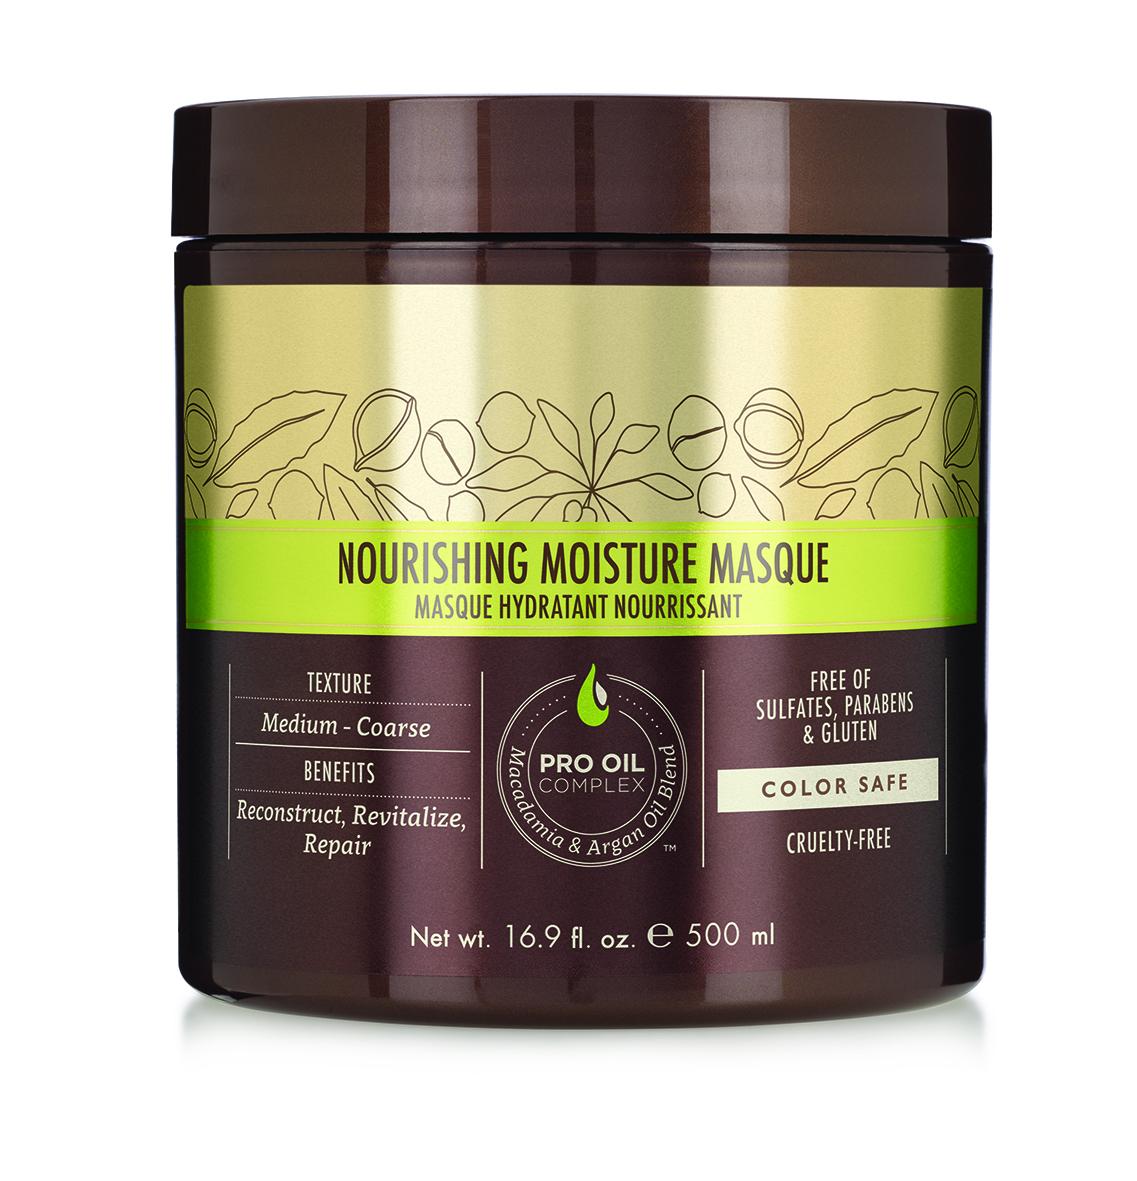 Macadamia Professional Маска питательная для всех типов волос, 500 мл300201Глубокий увлажняющий, восстанавливающий и реконструирующий уход Macadamia Professional для нормальных и сухих волос, c эксклюзивным комплексом Pro Oil Complex. Применение маски делает волосы шелковистыми, облегчает расчесывание, убирает излишнюю пушистость. Добавляет блеск и эластичность. Идеально для сухих, поврежденных, окрашенных волос. С длительным кондиционирующим эффектом.